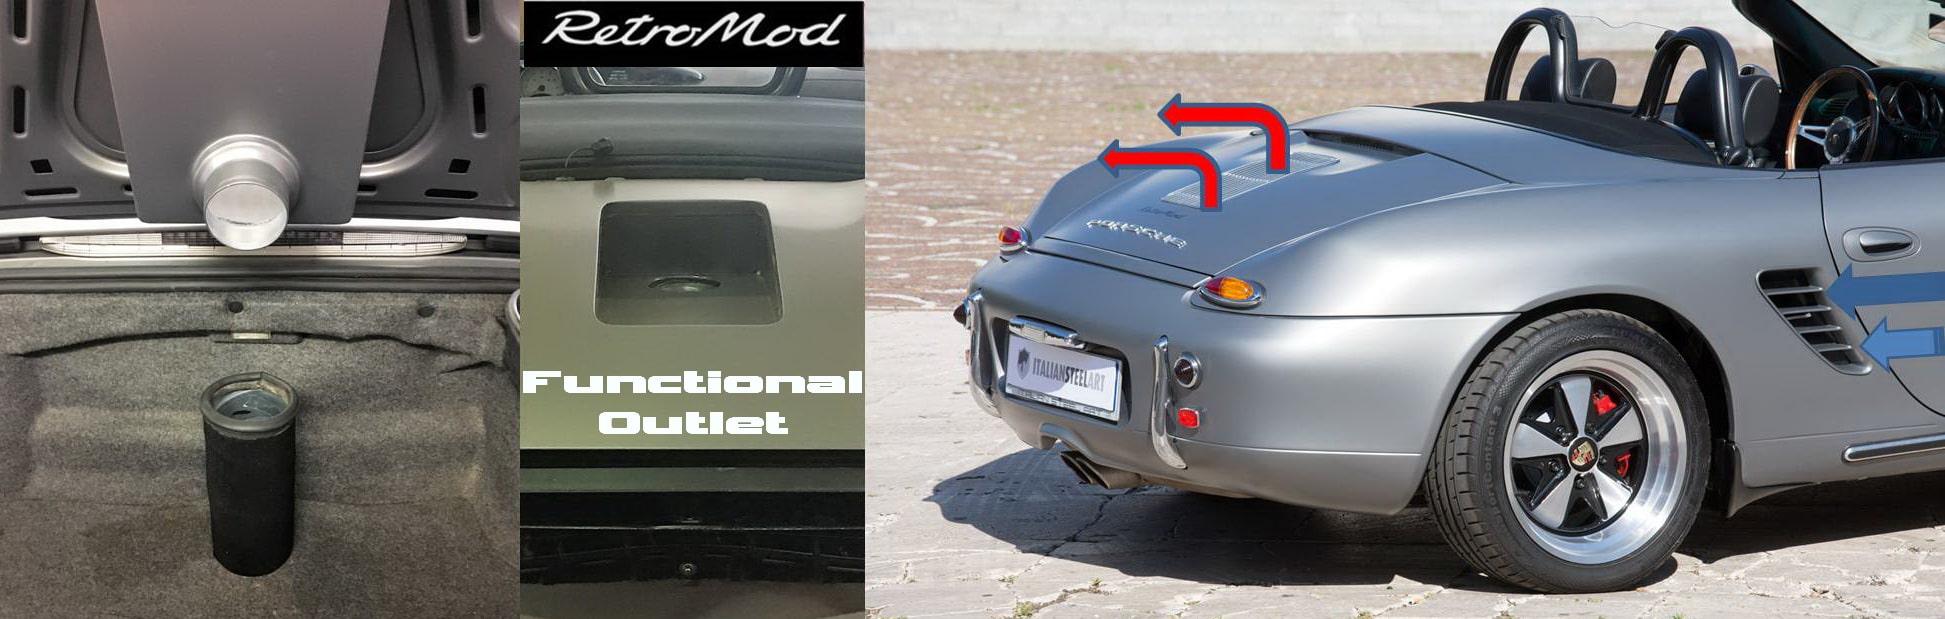 Porsche Boxster Retromod air systen